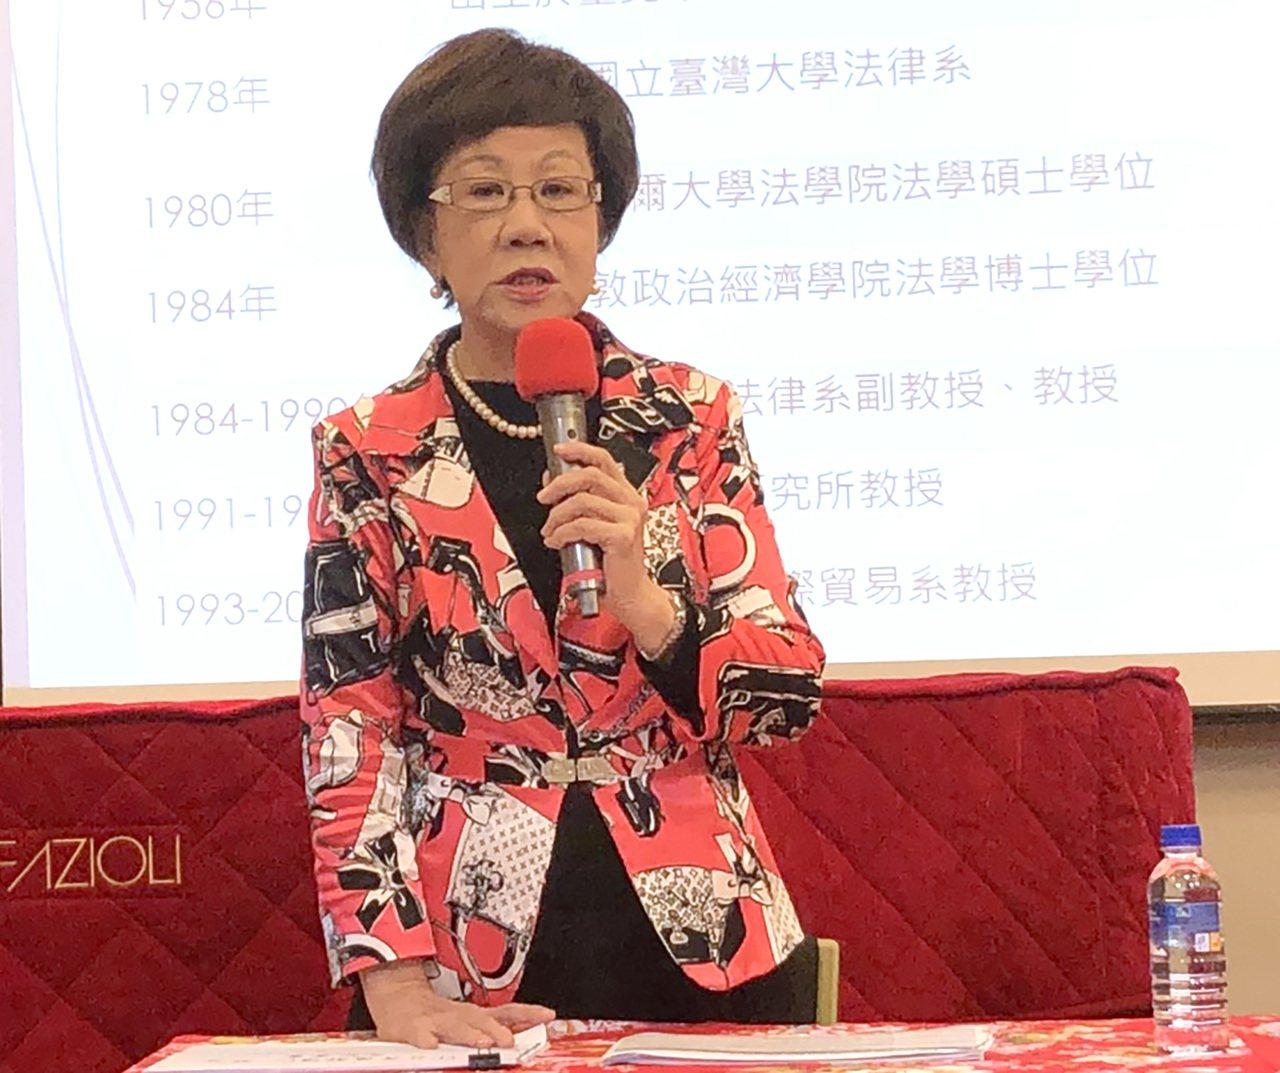 前副總統呂秀蓮上午舉行記者會解讀蔡英文總統「真假博士」謎題。記者潘姣琪/攝影